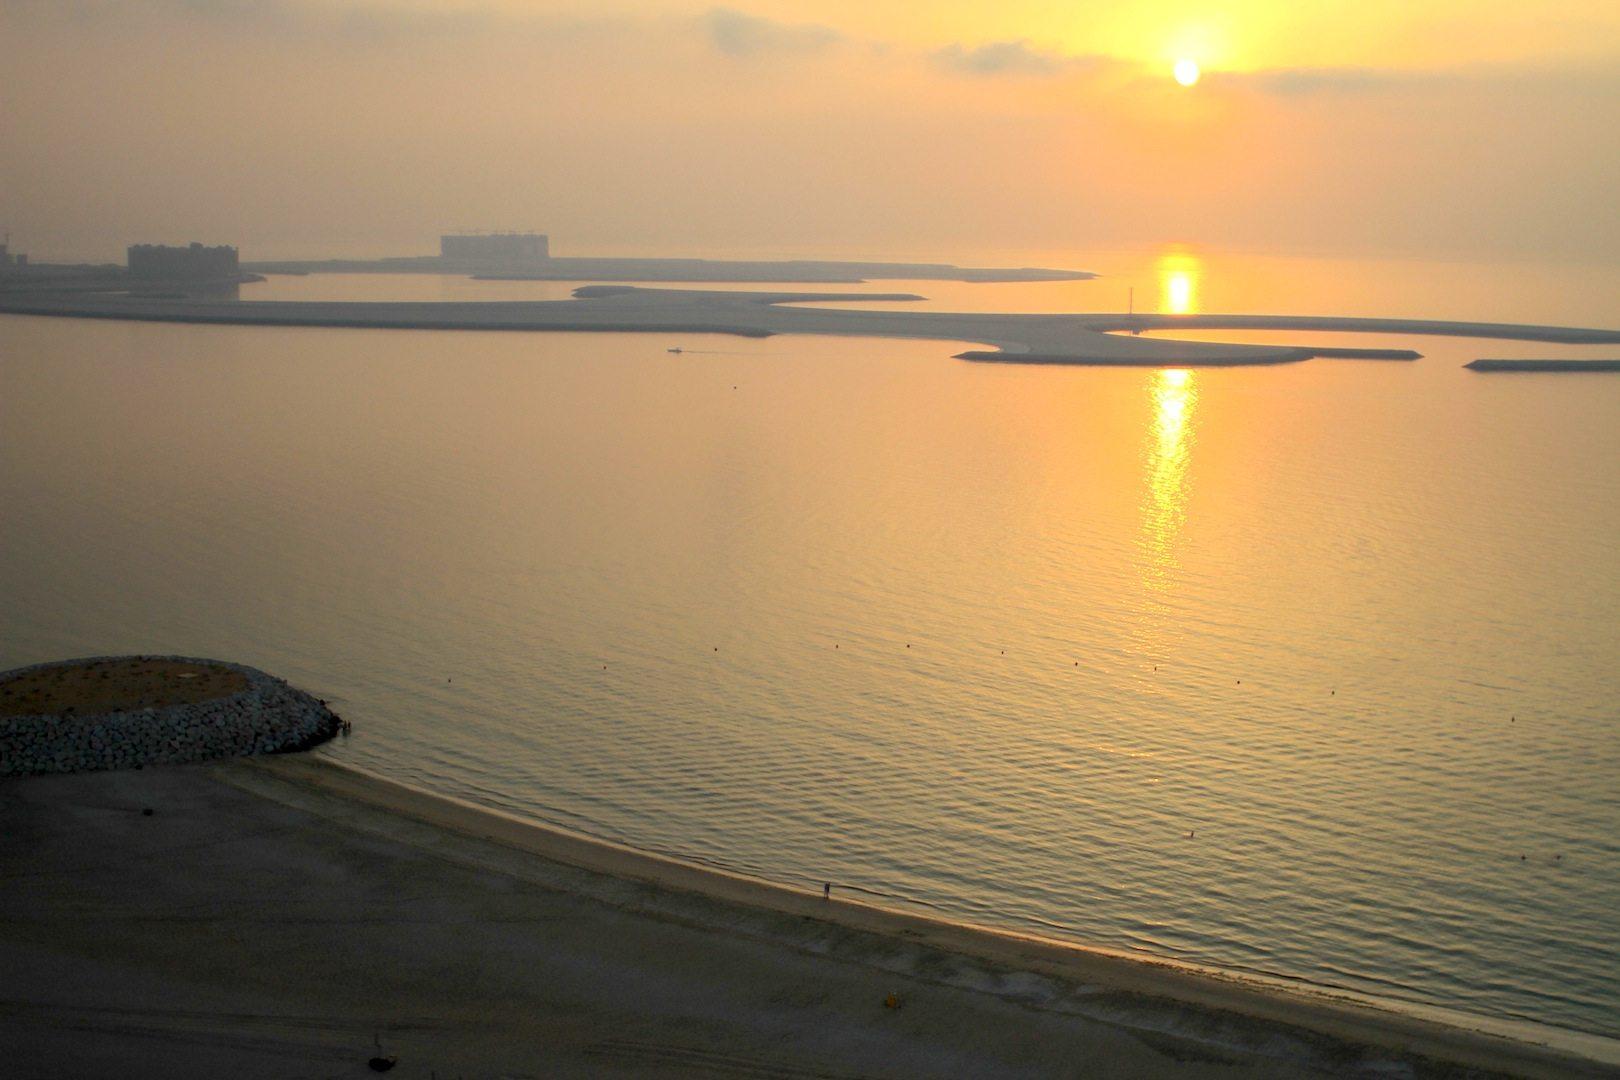 """Sonnenuntergang mit Kunstinsel. Al Marjan Island (""""Koralleninsel"""") ist eine künstlich aufgeschüttete Inselgruppe, auf der eins der touristischen Zentren von RAK hochgezogen wird."""